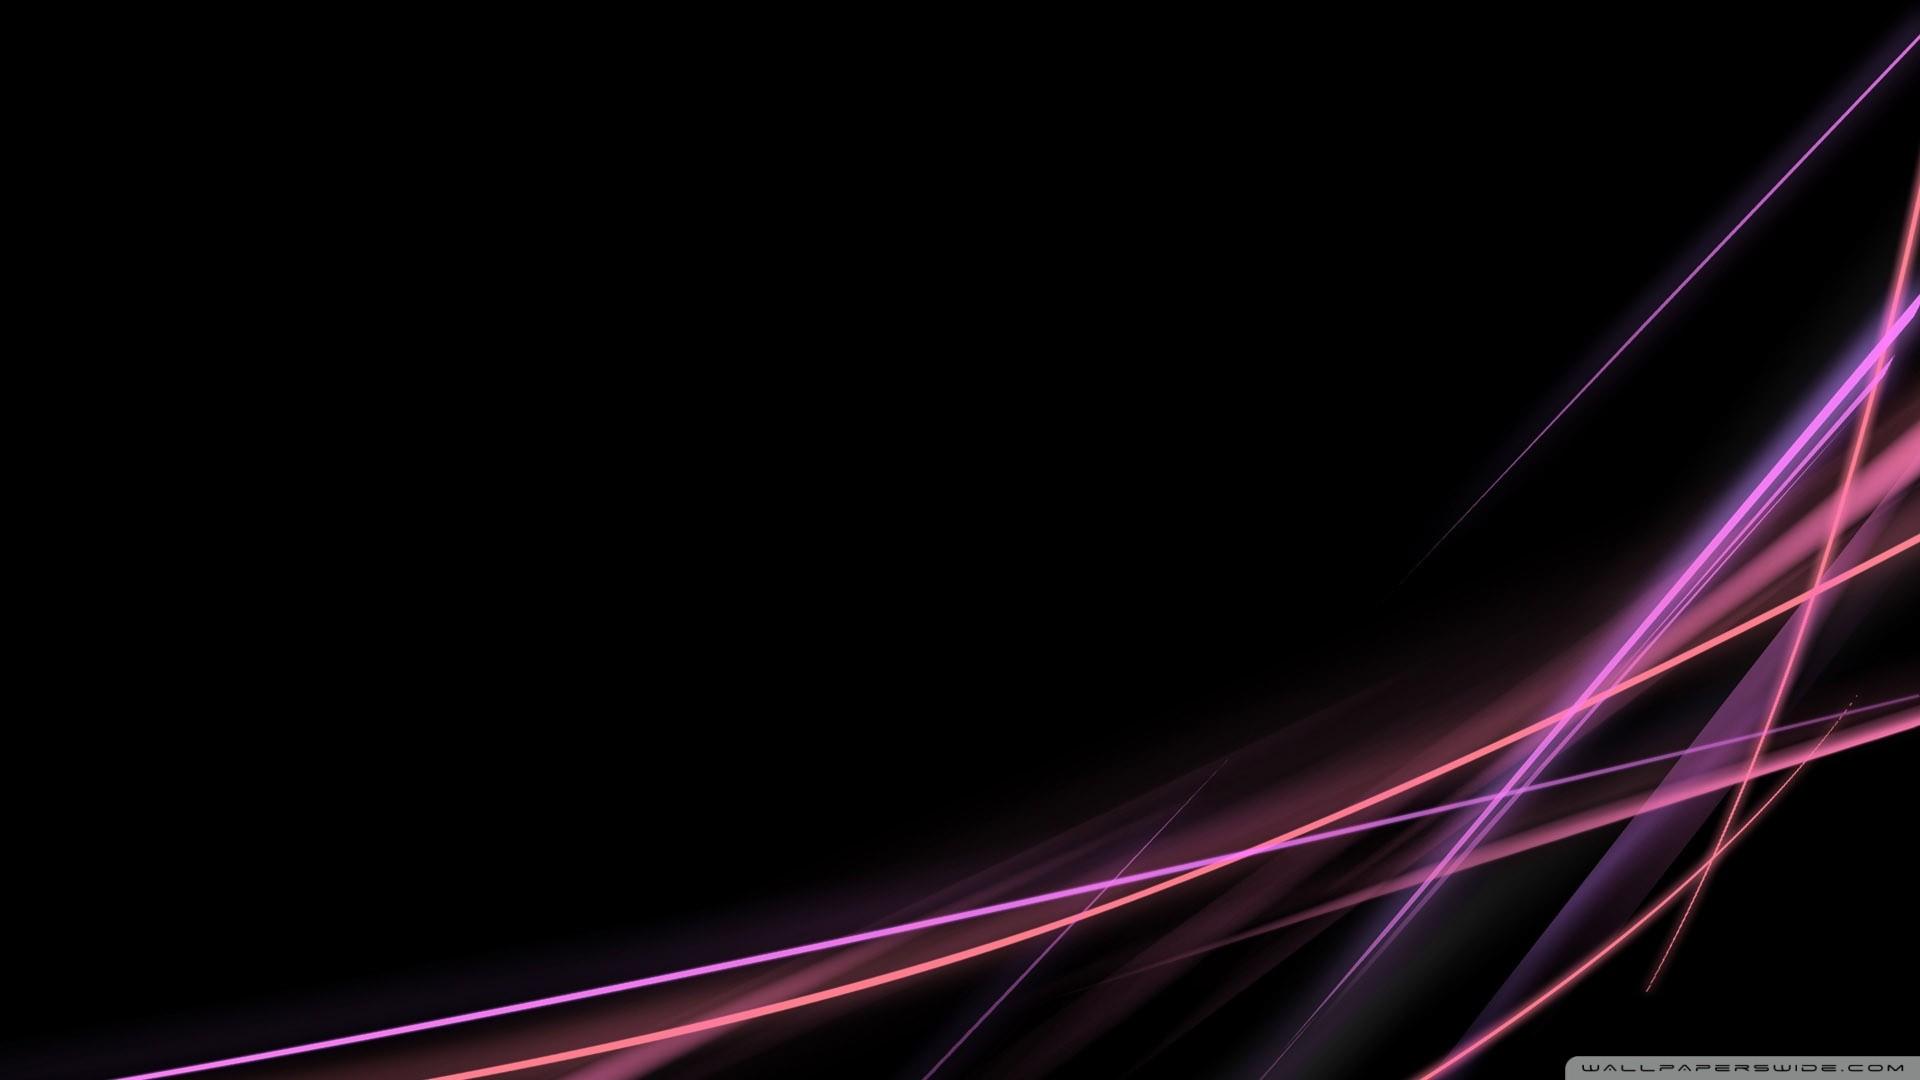 Fond D Ecran Nuit Cercle Windows Vista Lumiere Couleur Forme Ligne Obscurite Capture D Ecran Papier Peint De L Ordinateur 1920x1080 Thorragnarok 31809 Fond D Ecran Wallhere